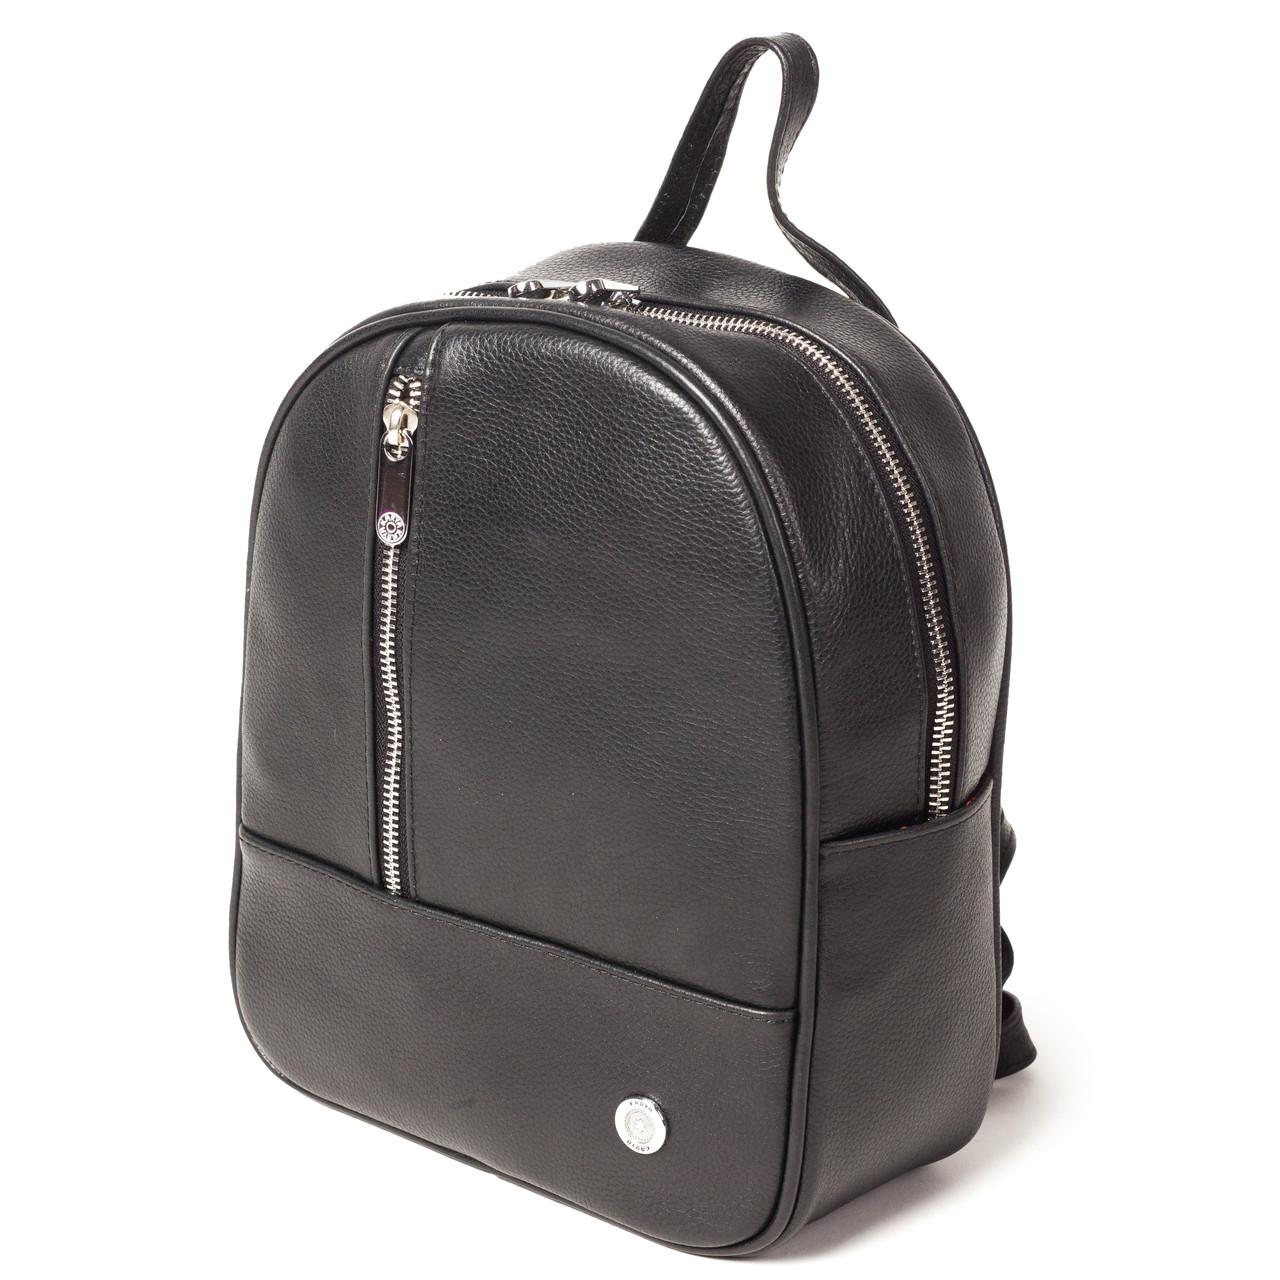 Жіночий рюкзак міський Karya 0799-45 з натуральної шкіри чорний